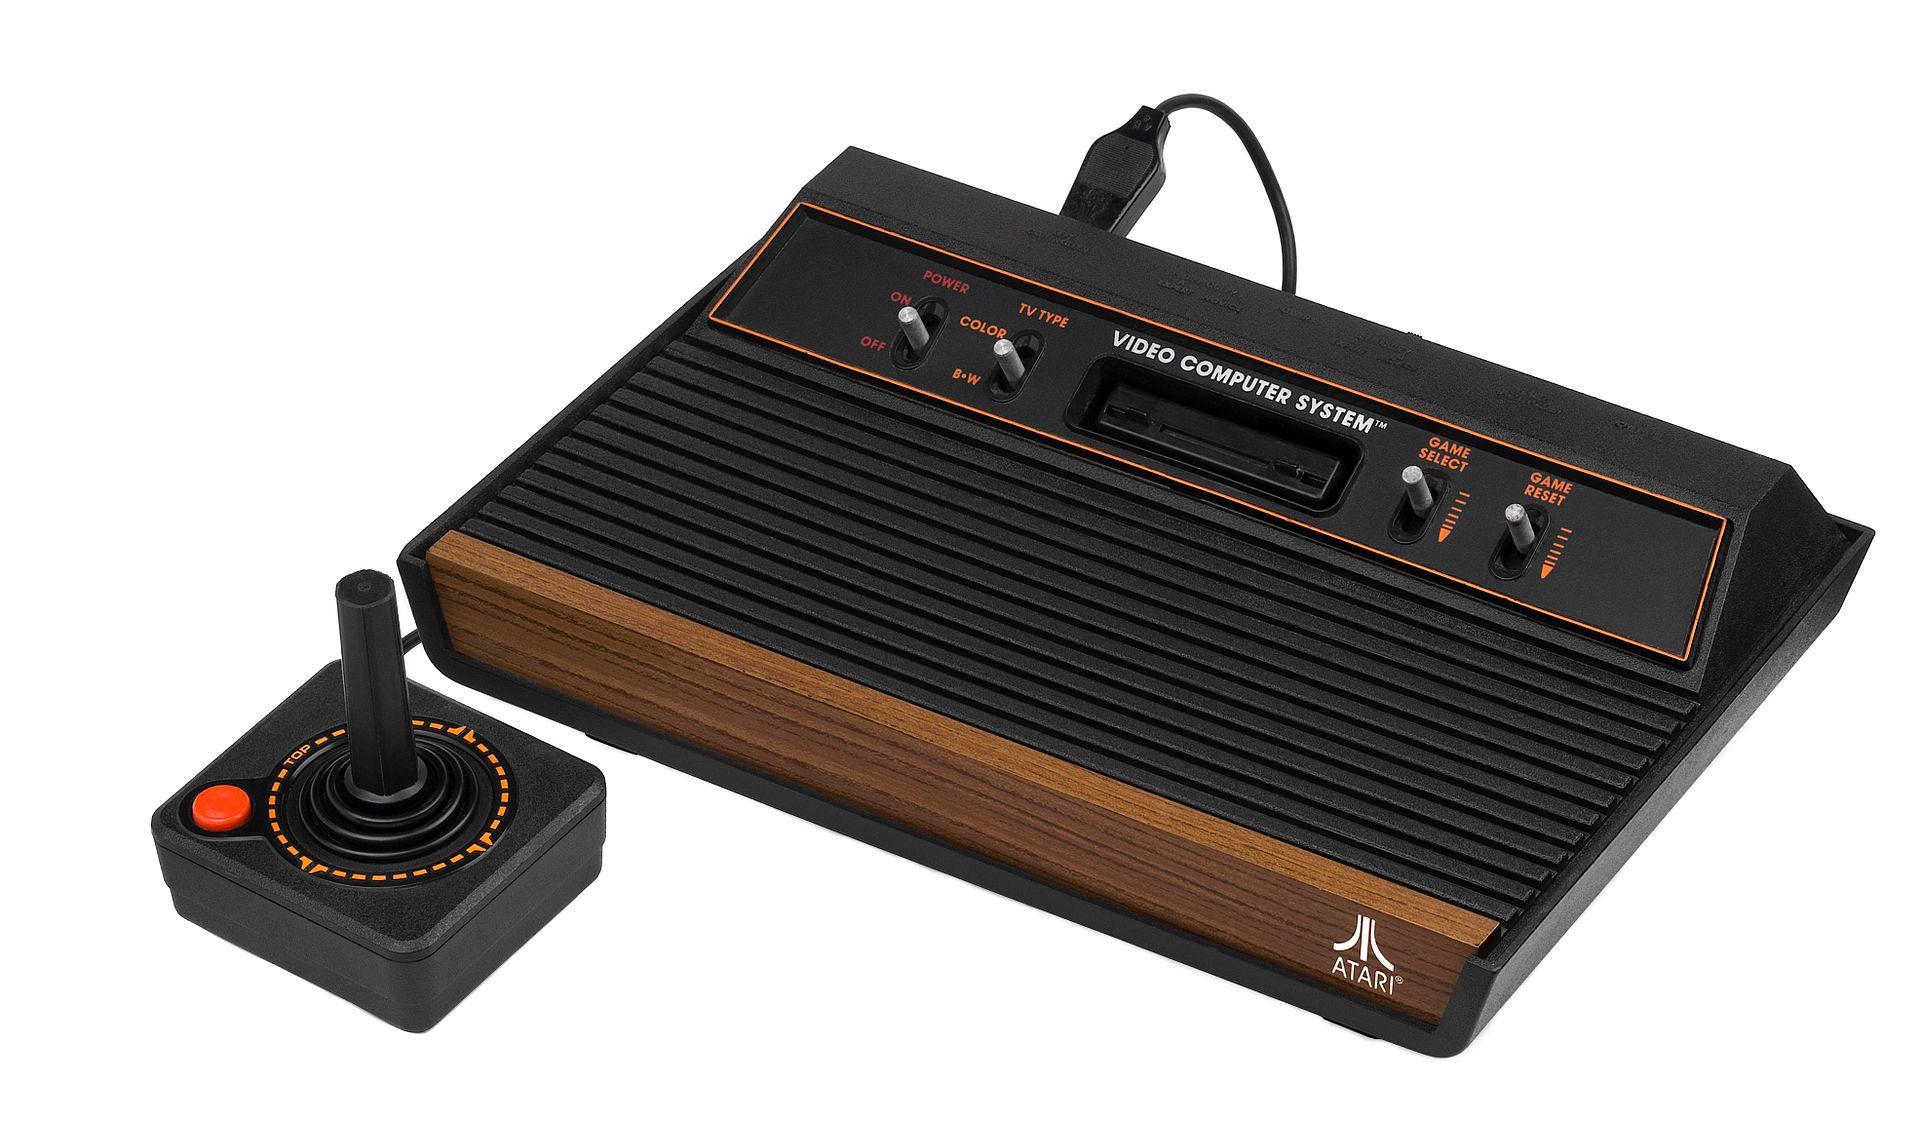 En vanlig variant av Atari 2600..